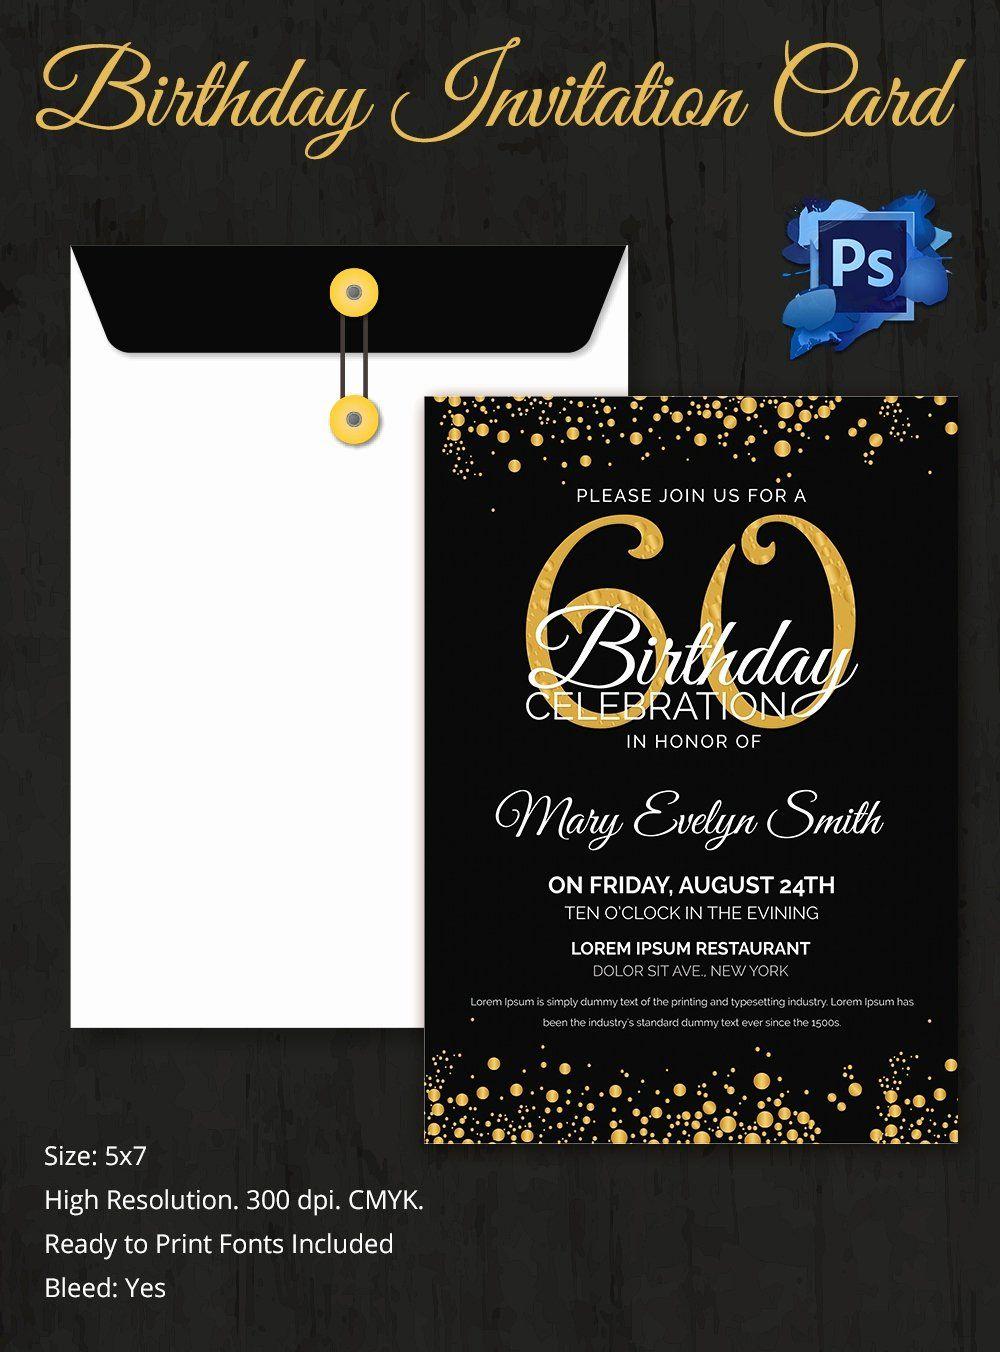 Editable 1st Birthday Invitation Card Free Download Beautiful Birthday Invitation Tem Party Invite Template 60th Birthday Invitations Free Birthday Invitations